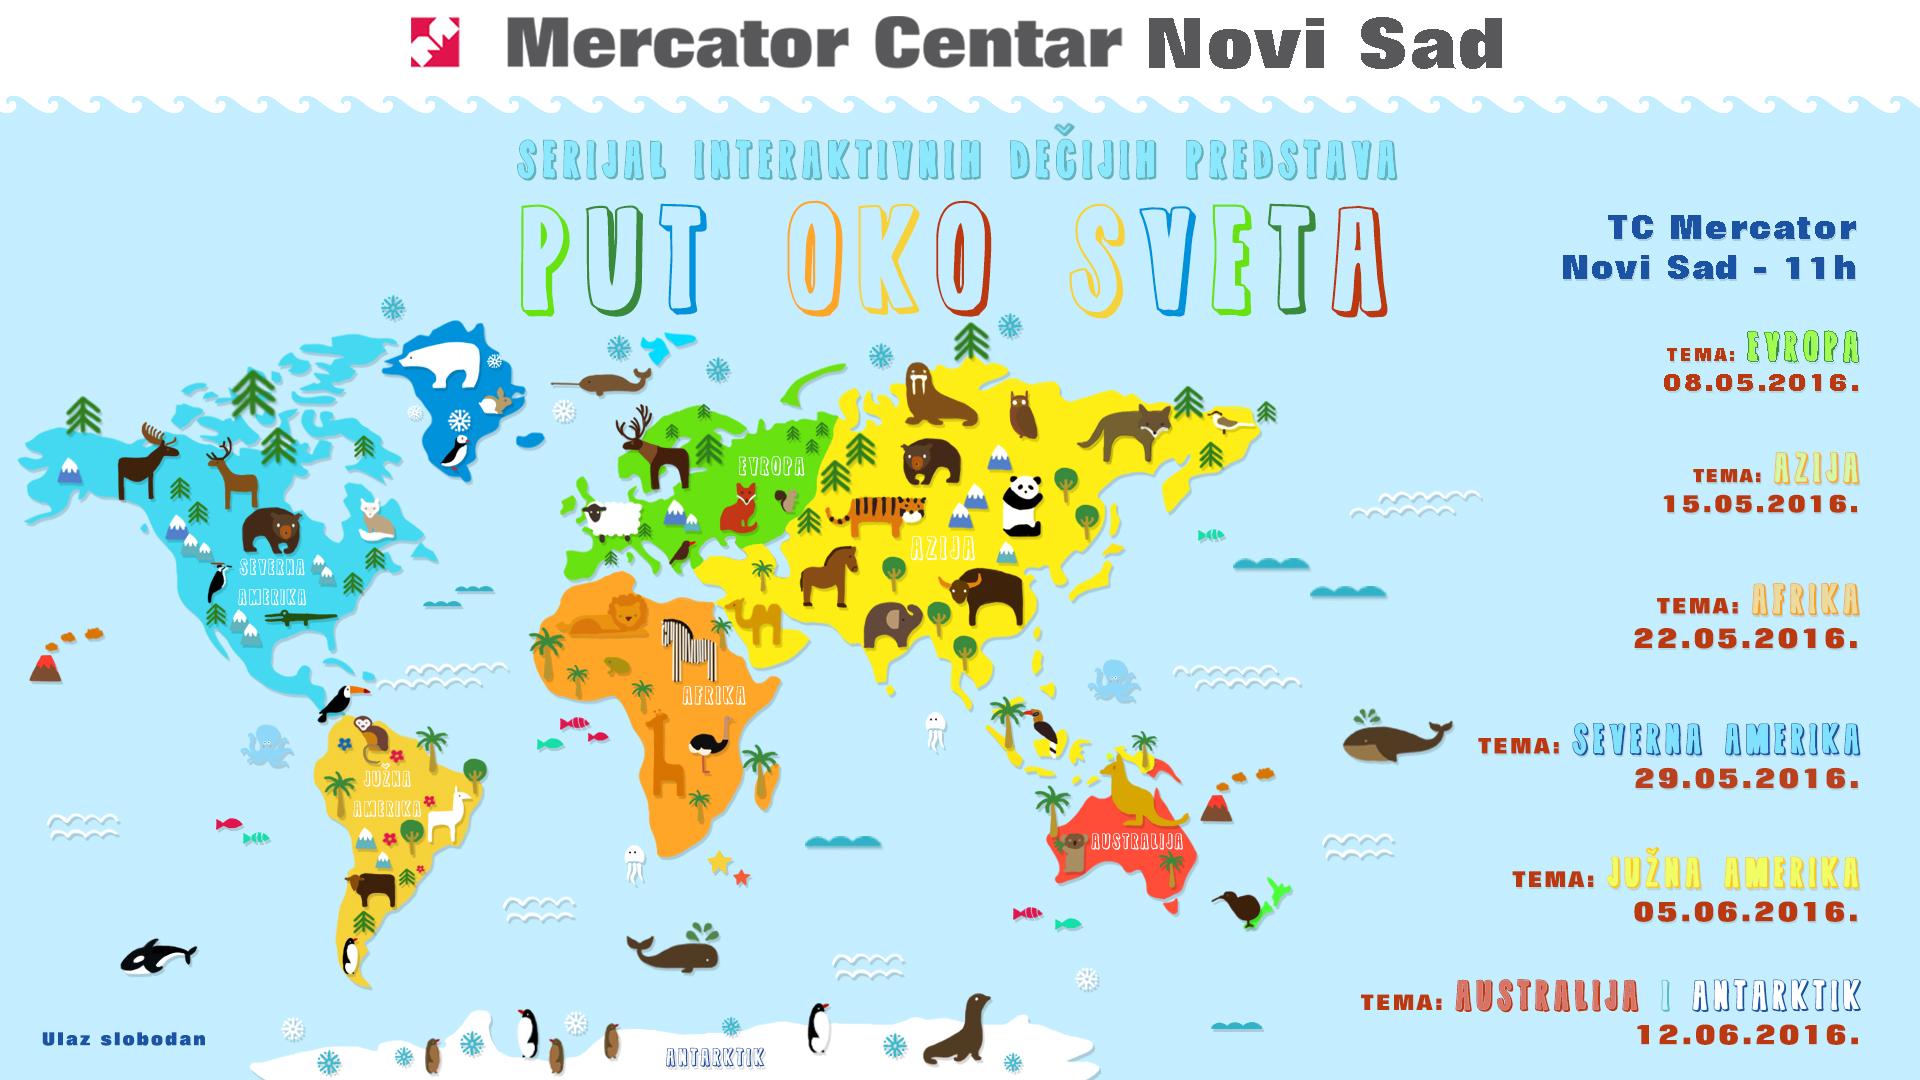 Mercator Put oko sveta NOVI SAD